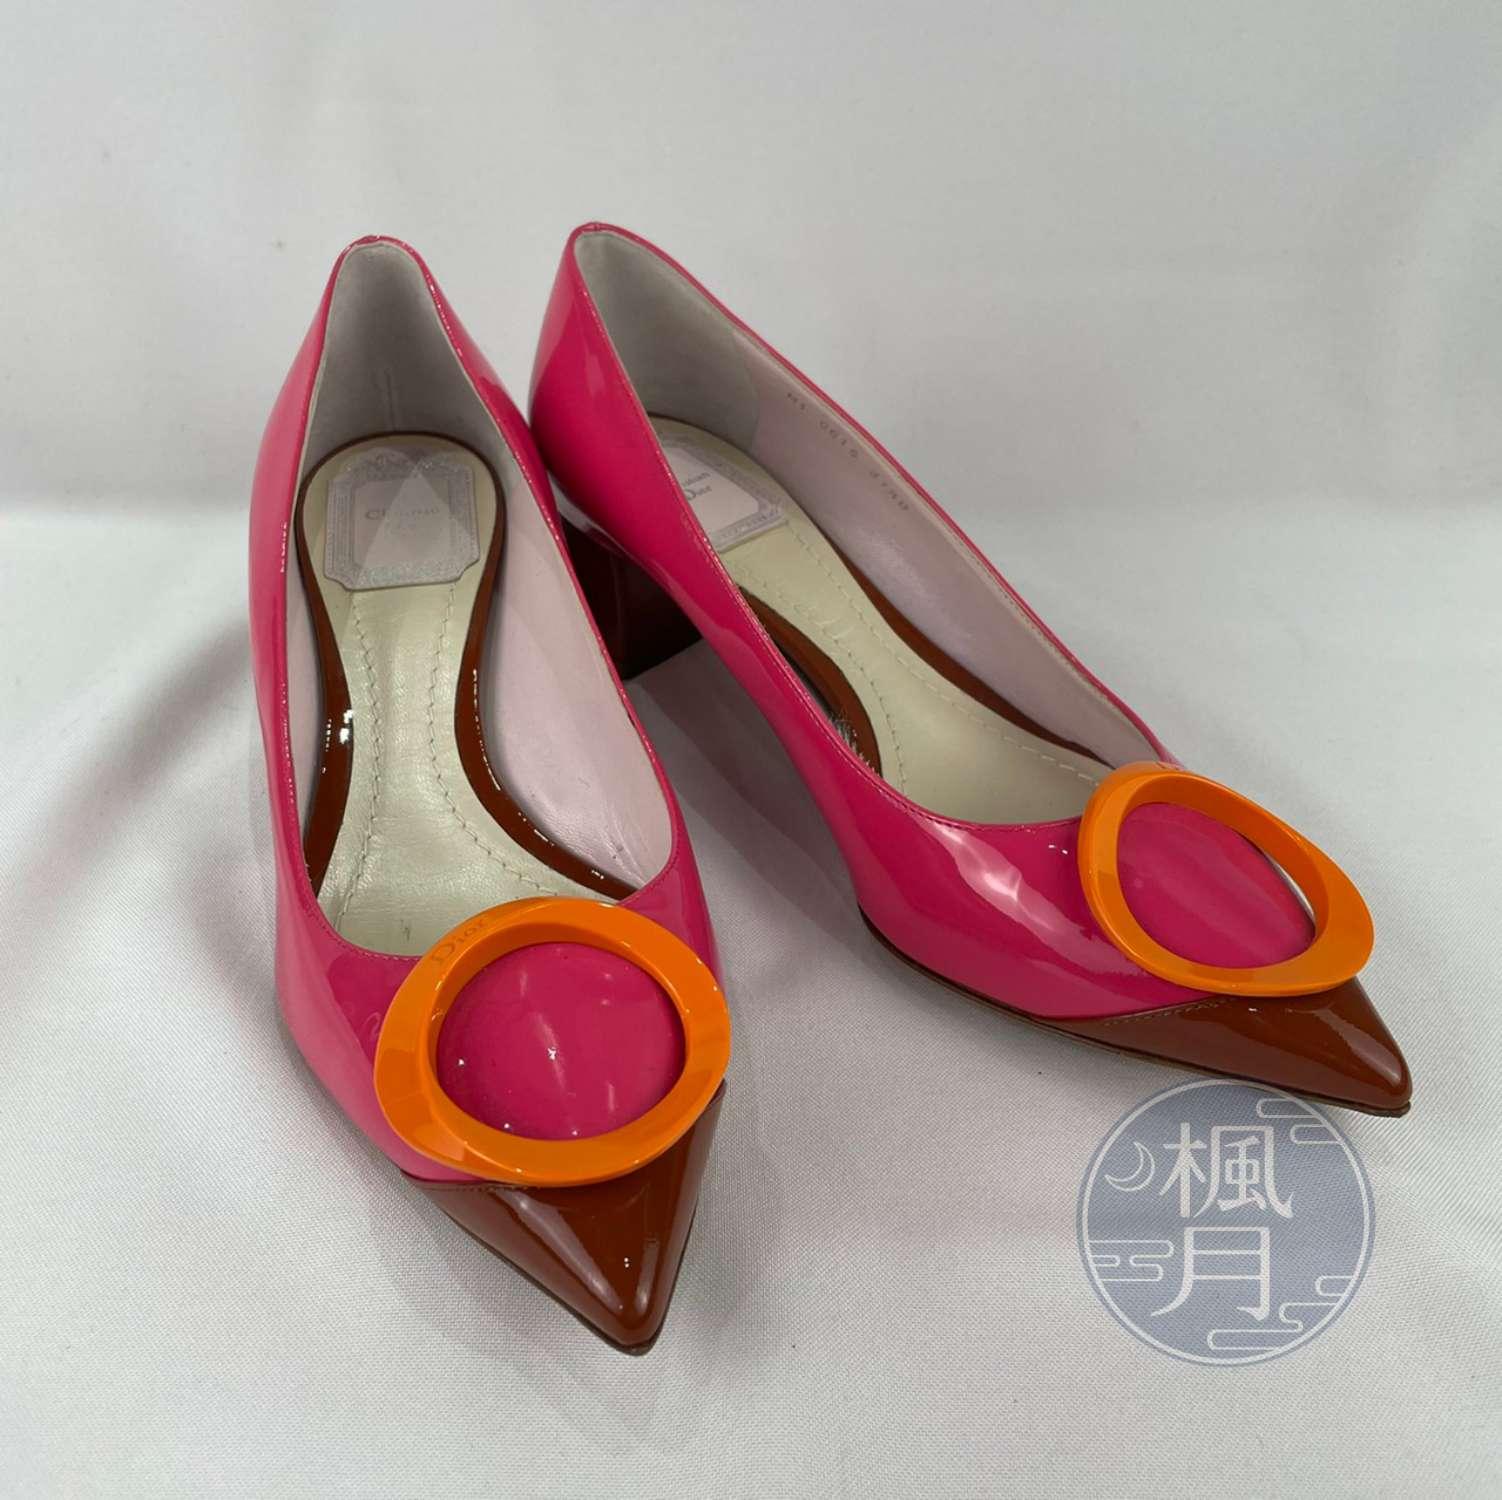 BRAND楓月 Christian Dior 迪奧 粉紅色 芭比粉 橘色O型釦 漆皮 尖頭 高跟鞋 中跟 #37.5